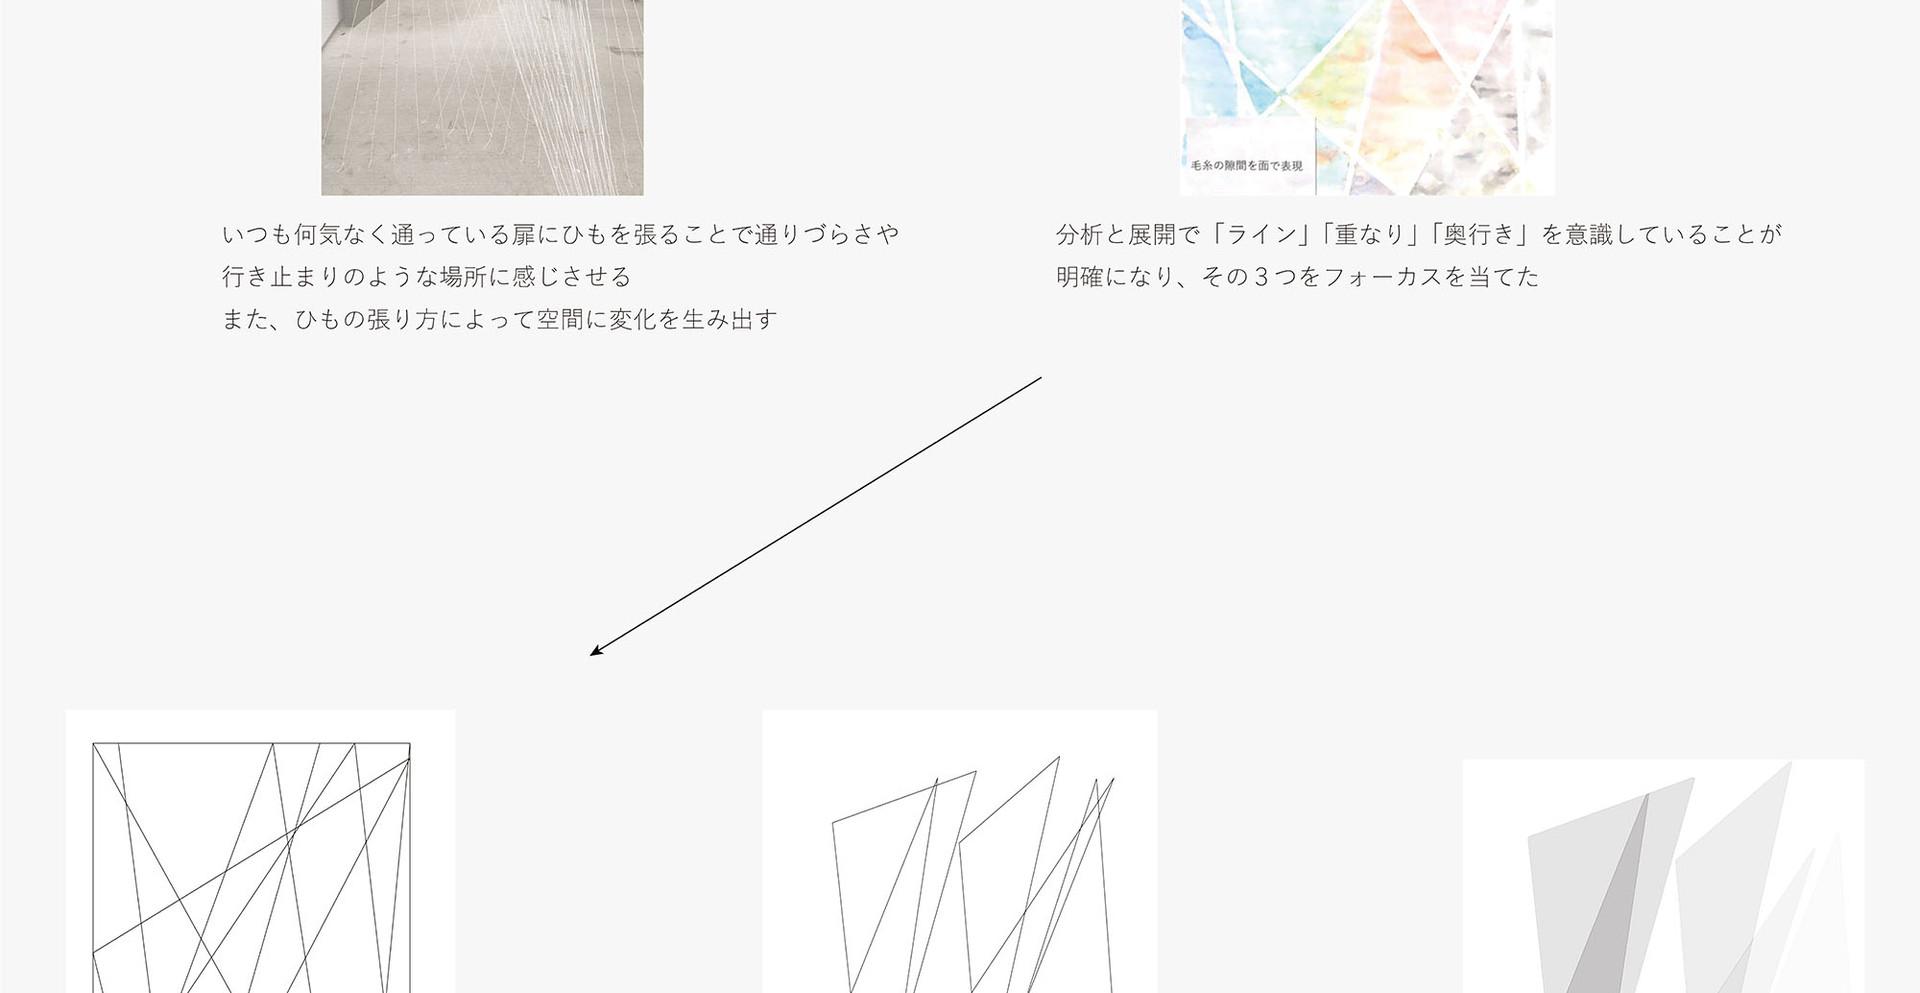 早川あいか_05.jpg